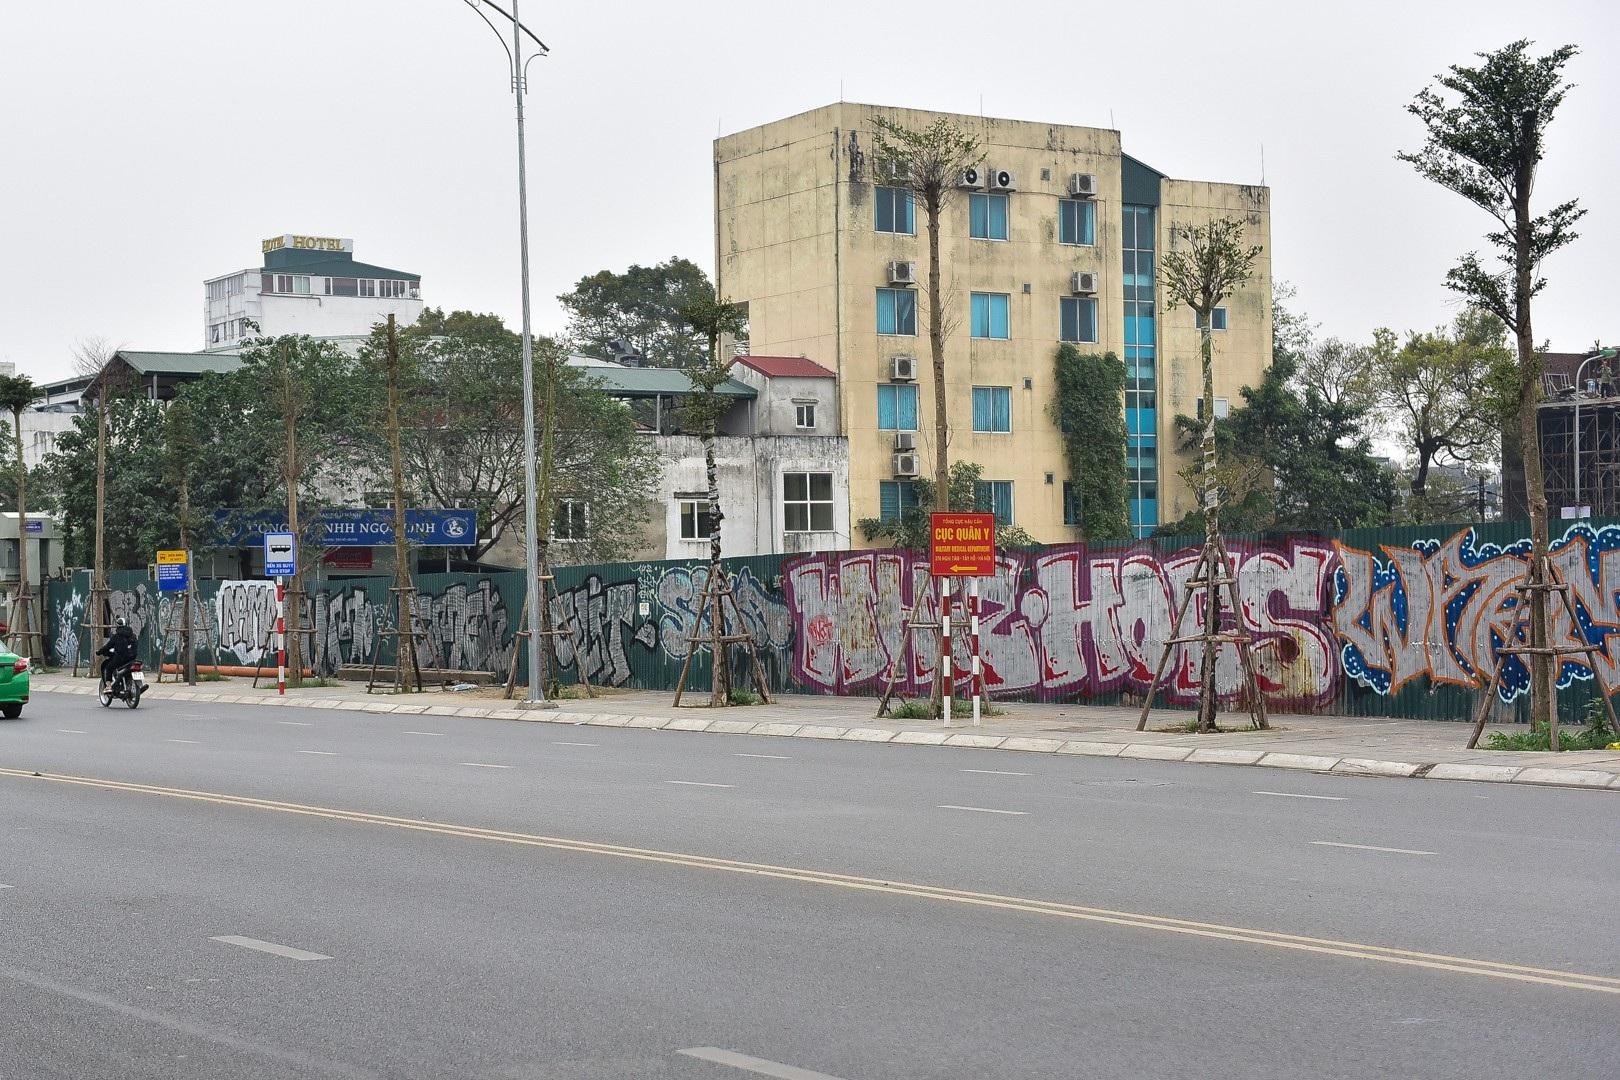 Vẽ graffiti kín tuyến đường tiền tỷ mới mở rộng ở Hà Nội - Ảnh 12.